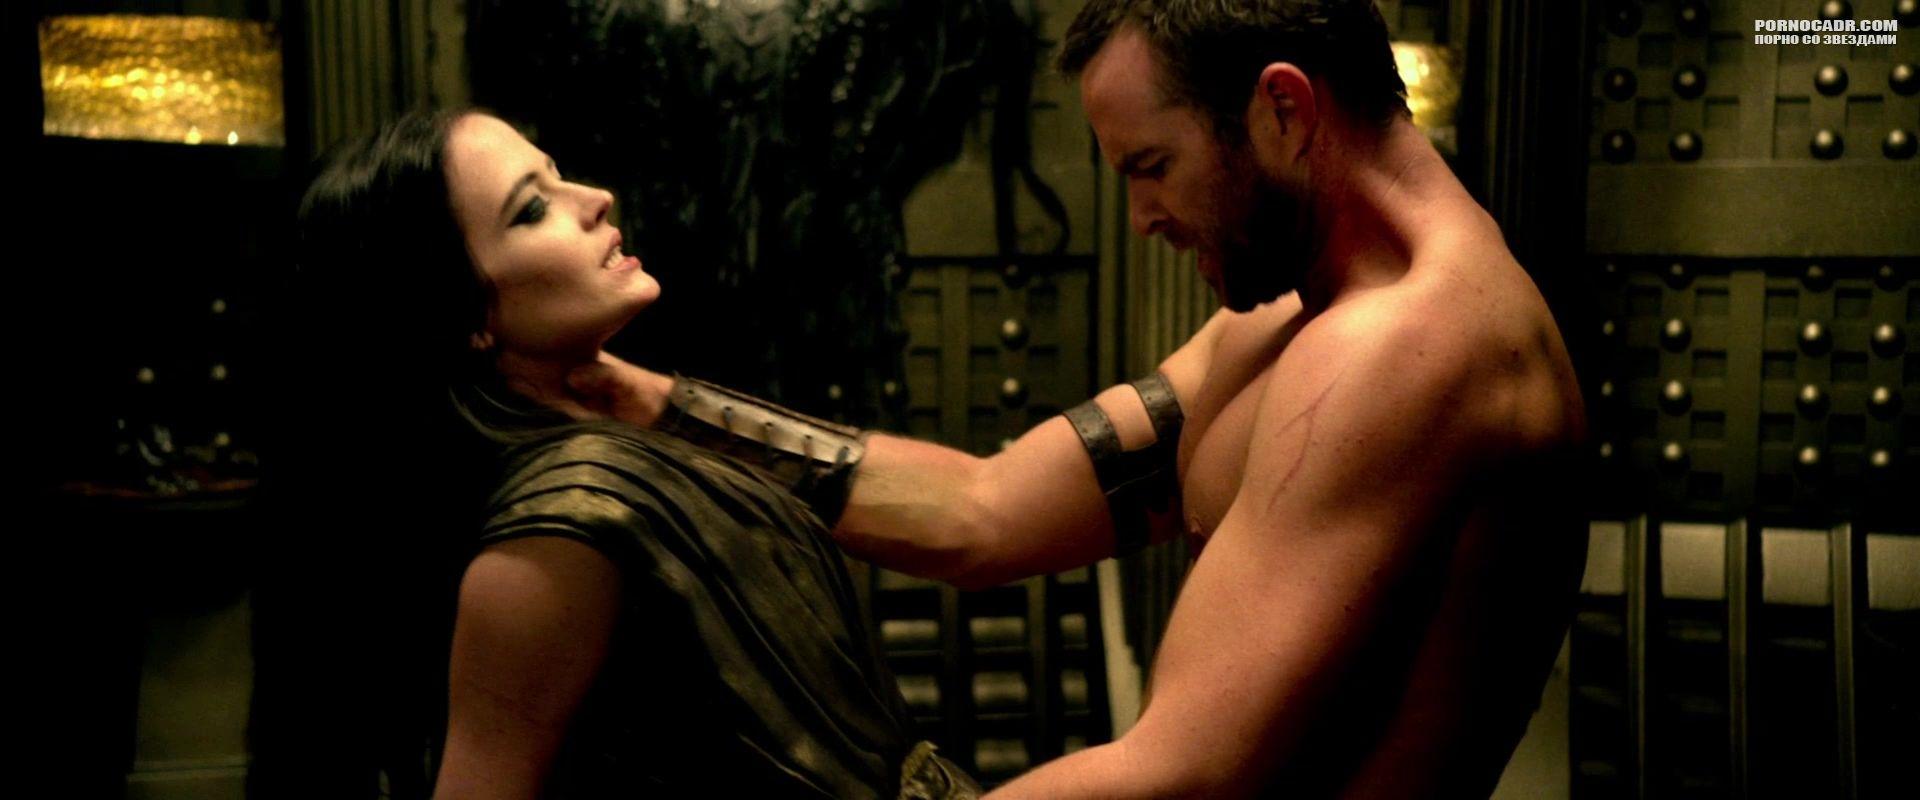 Ева грин сексуальное видео в 300 спартанцев